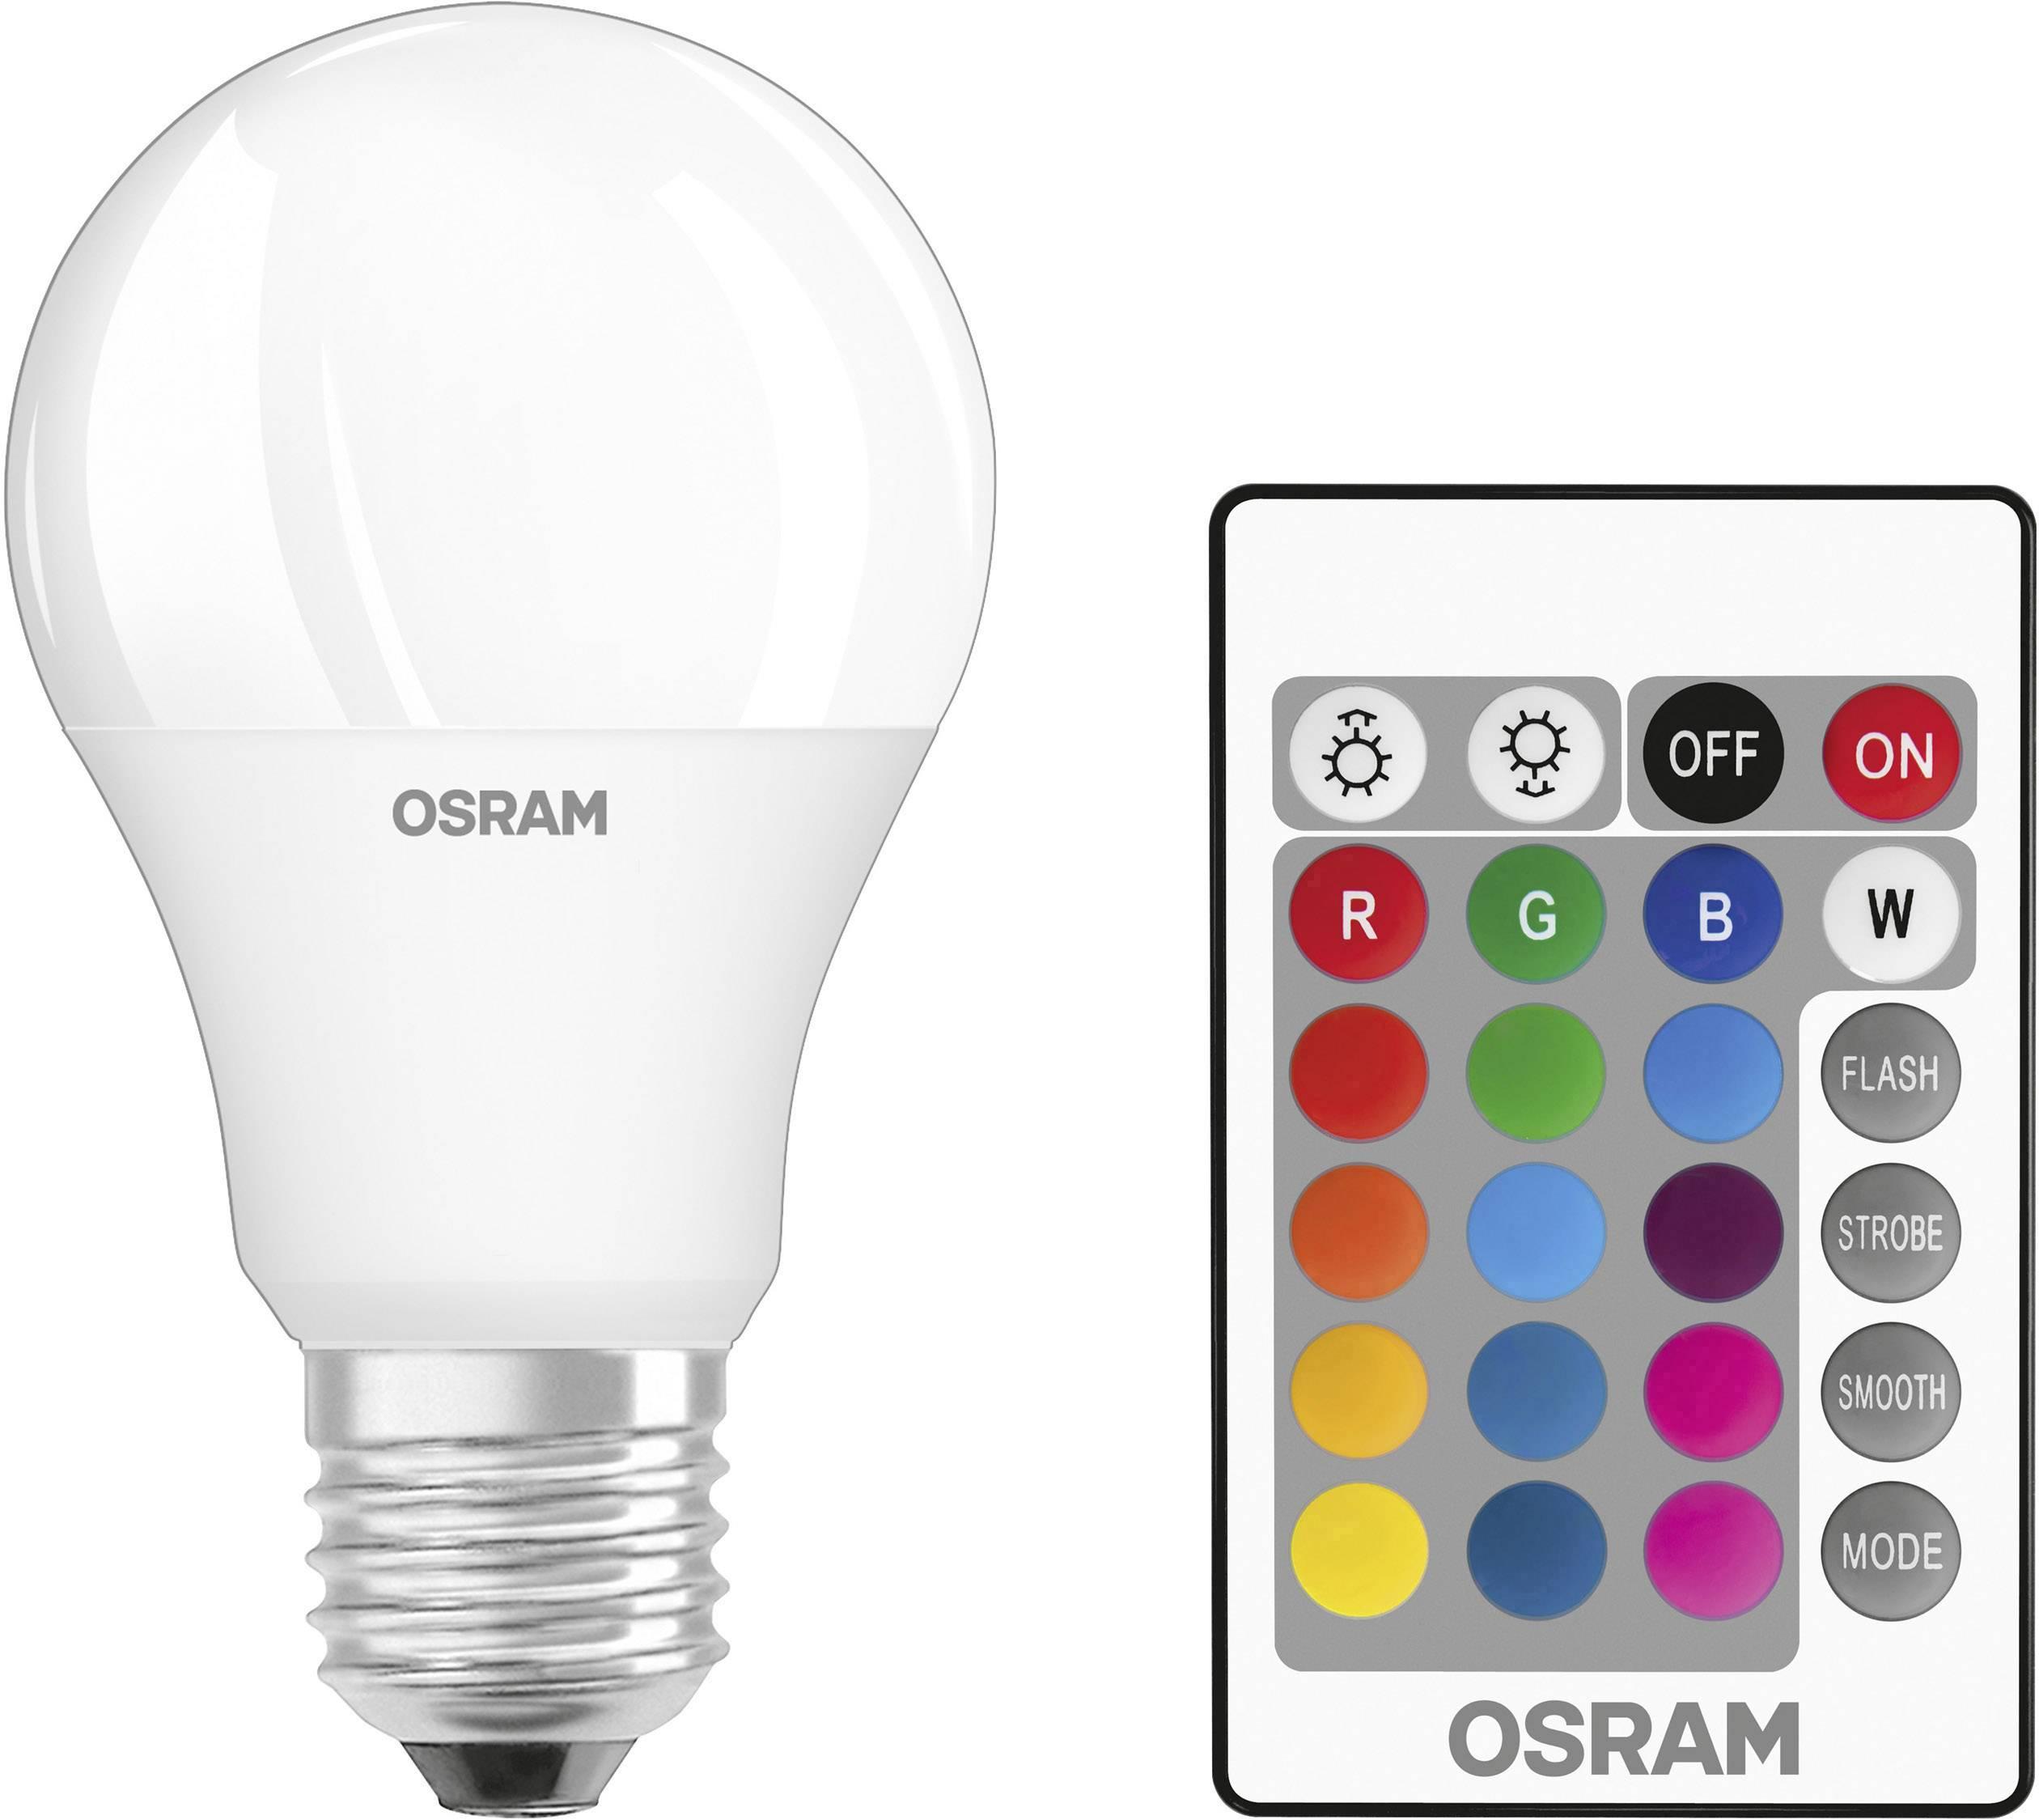 Genial OSRAM LED EEK A+ (A++   E) E27 Glühlampenform 9 W U003d 60 W RGBW (Ø X L) 60 Mm  X 114 Mm Inkl. Fernbedienung, Colorchanging, Kaufen